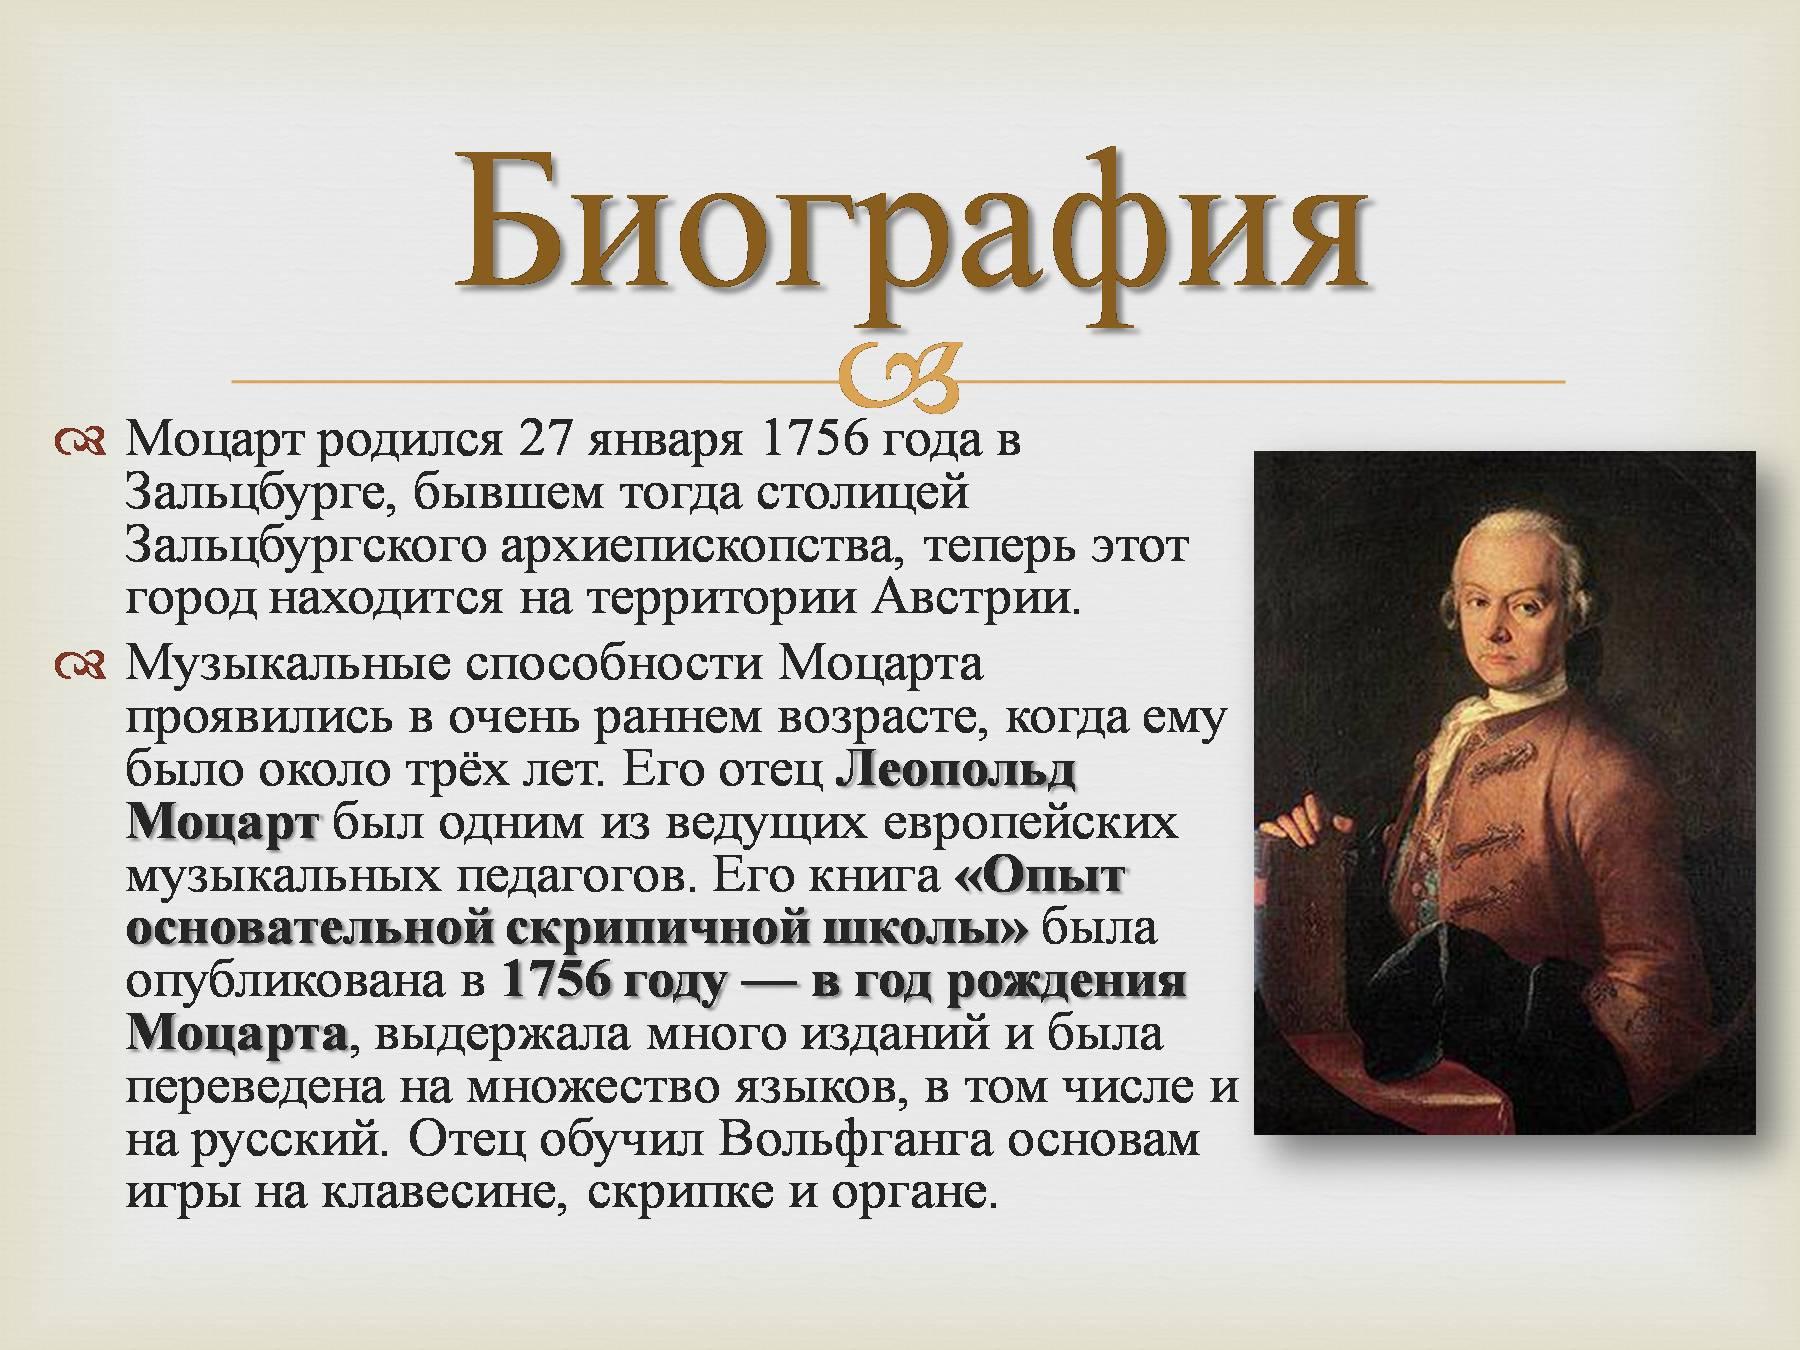 собой, презентация с картинками на моцарта татуировки имеет далеко